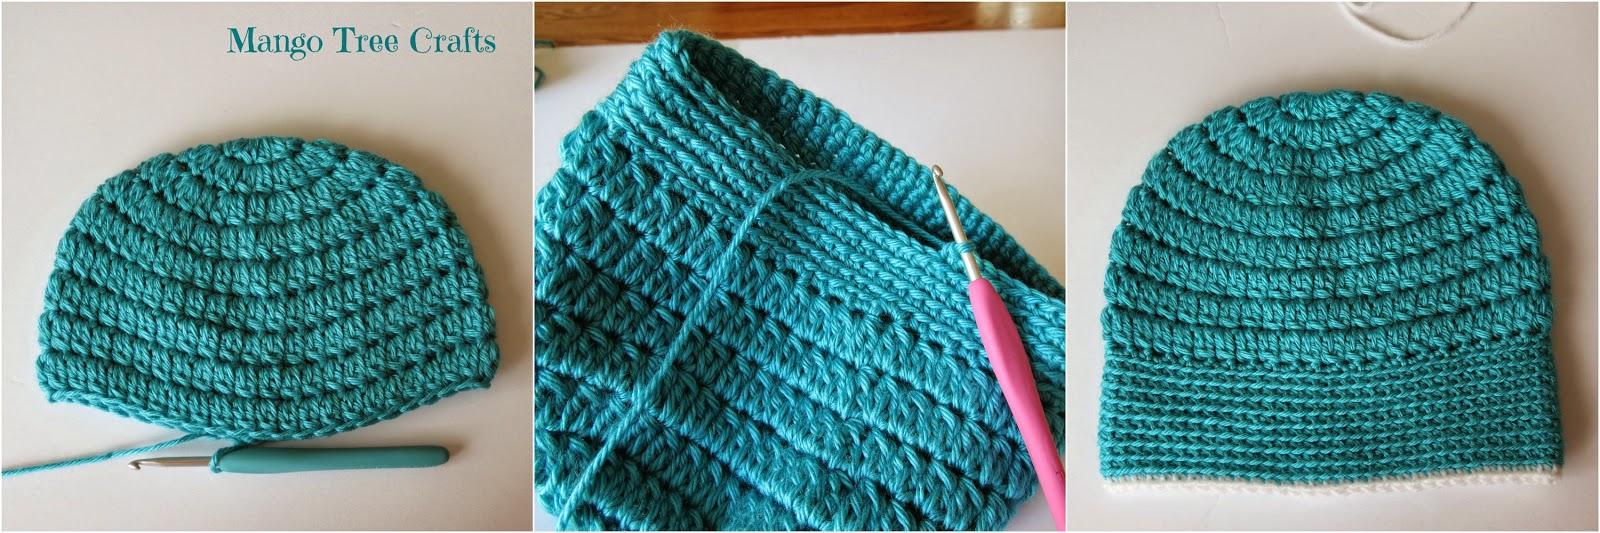 Free Crochet Hat Patterns From Frozen : Mango Tree Crafts: Ice Queen Crochet Hat Pattern